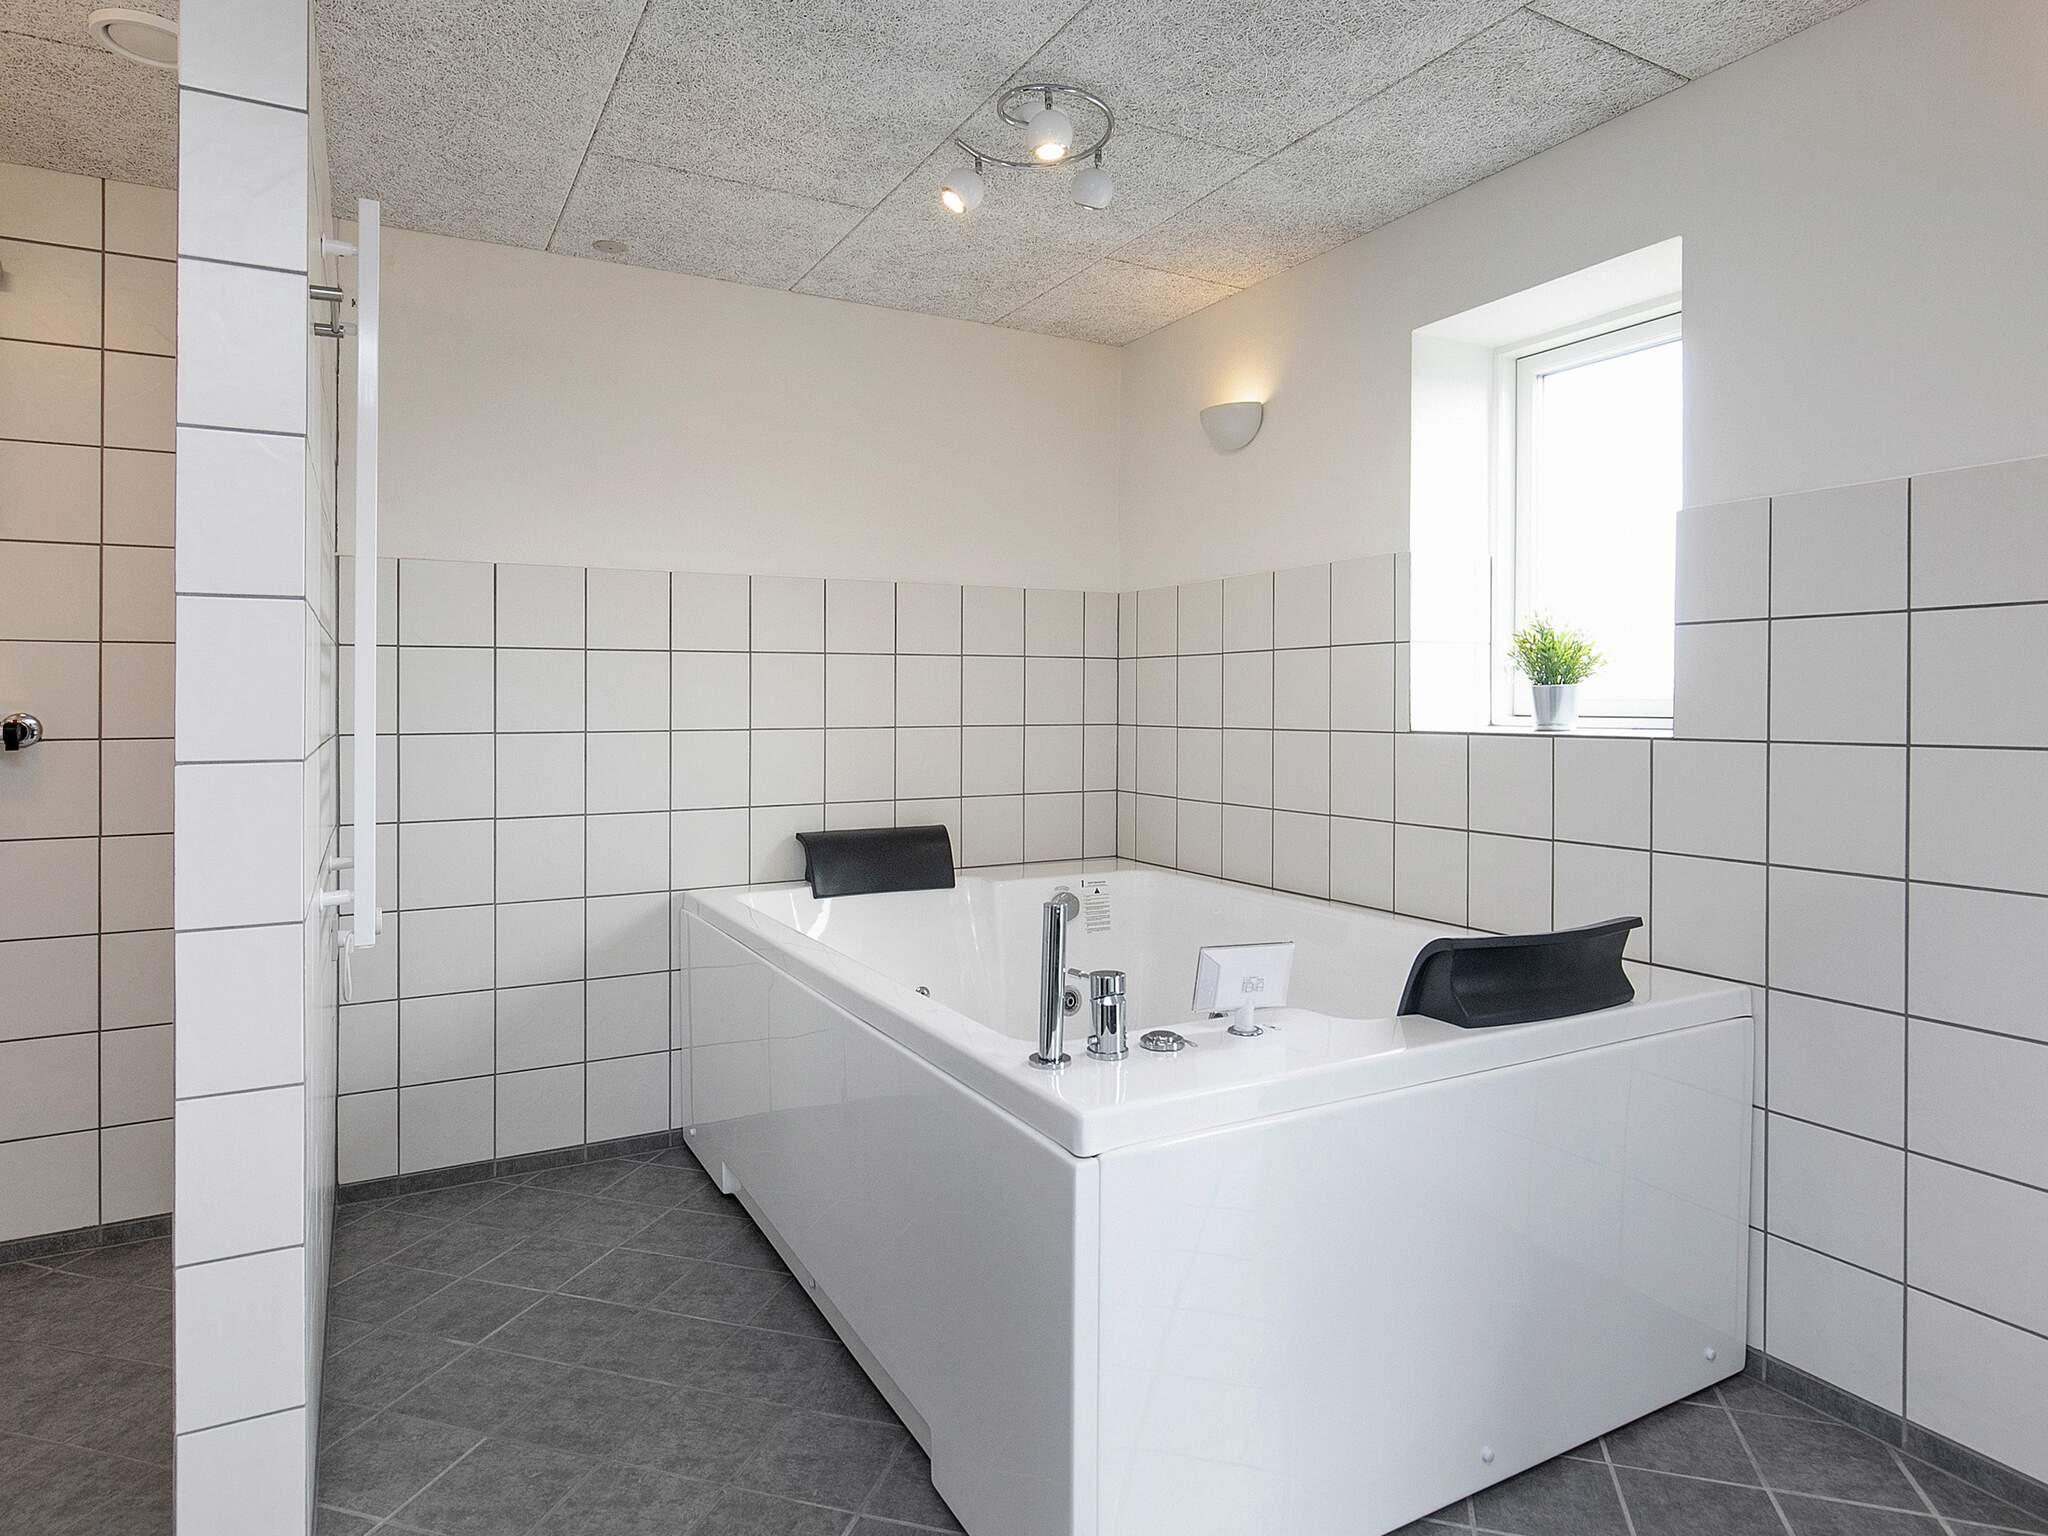 Ferienhaus Ærø/Ærøskøbing (237302), Ærøskøbing, , Ærø, Dänemark, Bild 38